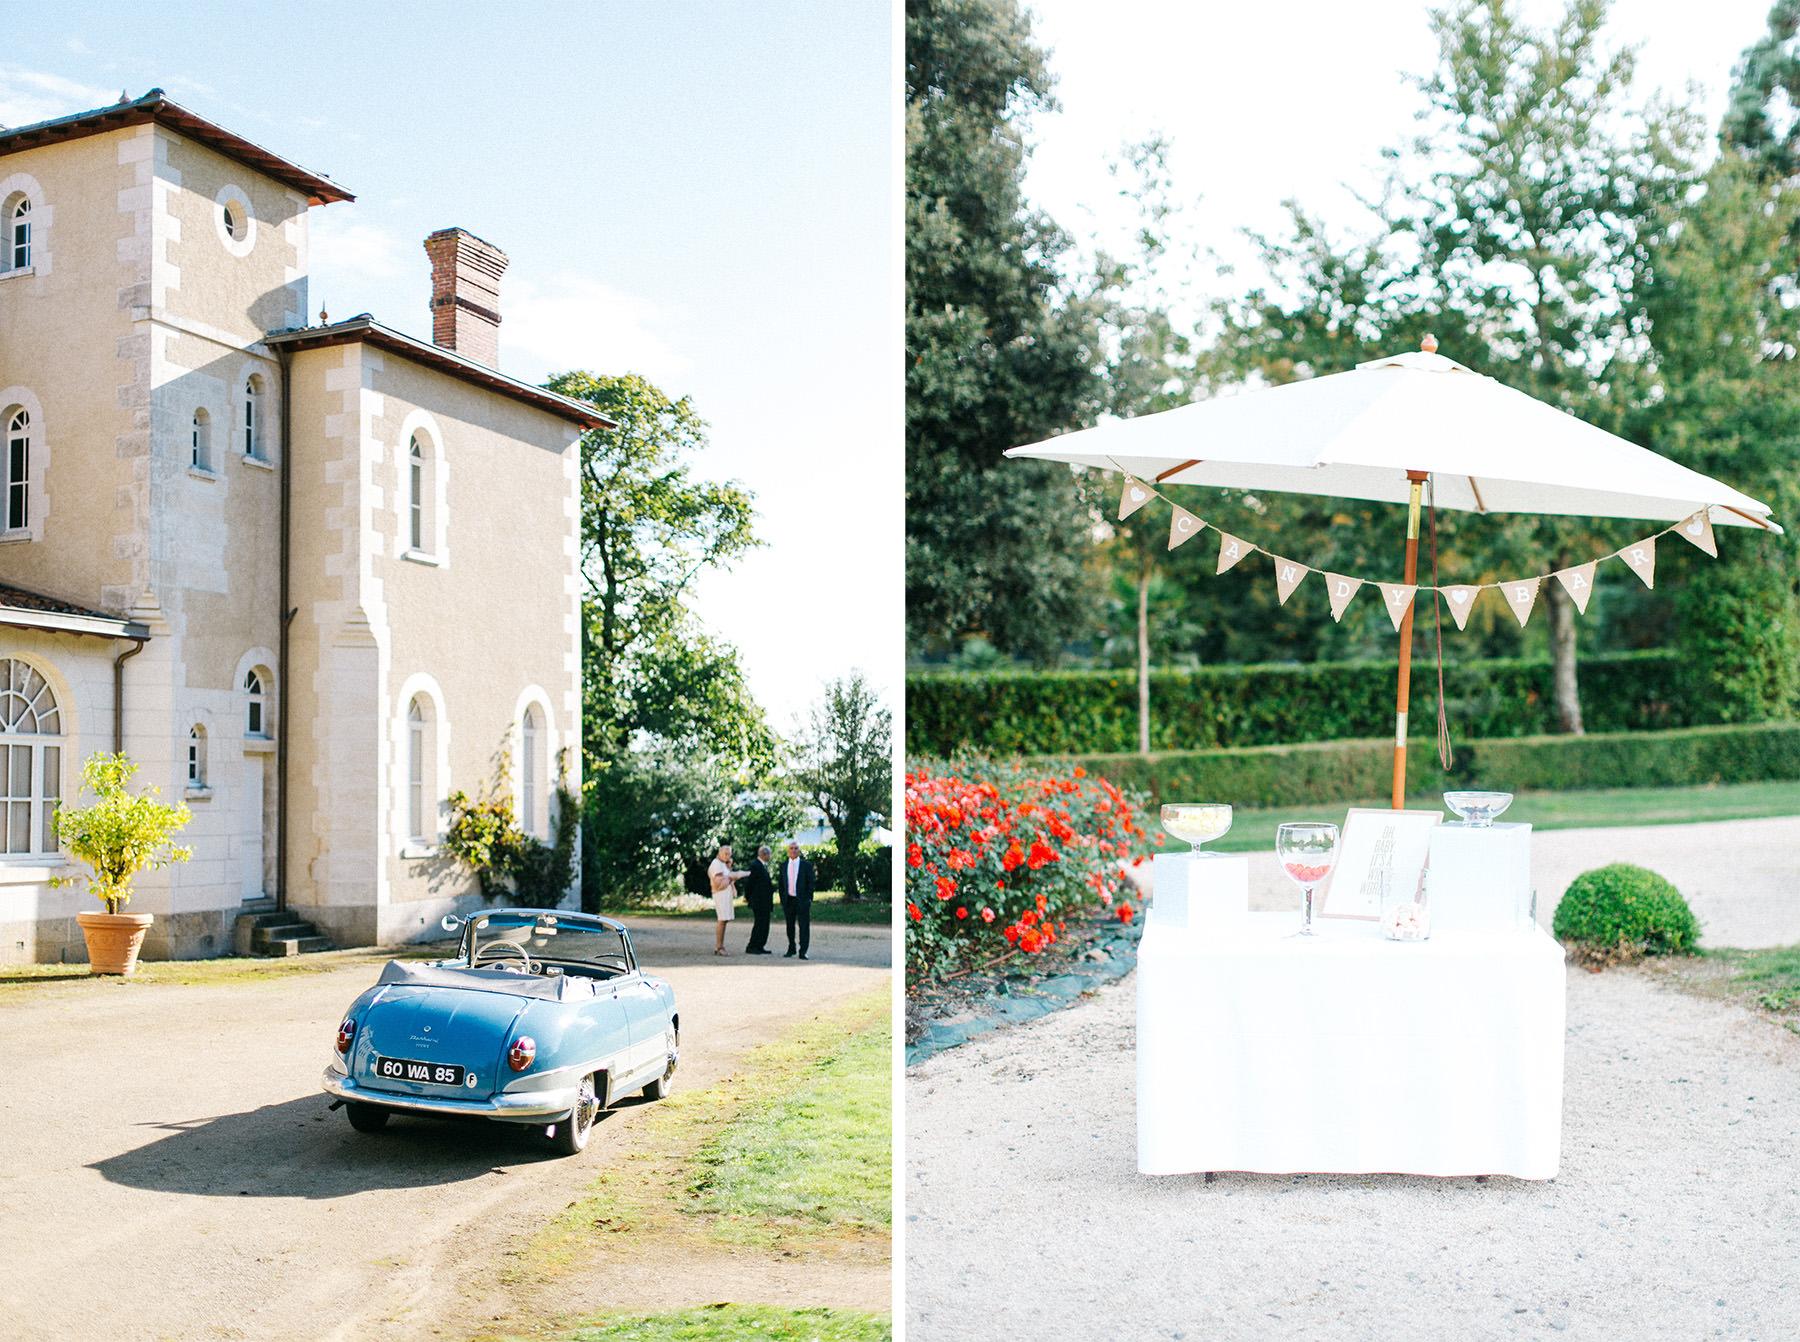 photographe-mariage-la-roche-sur-yon-29